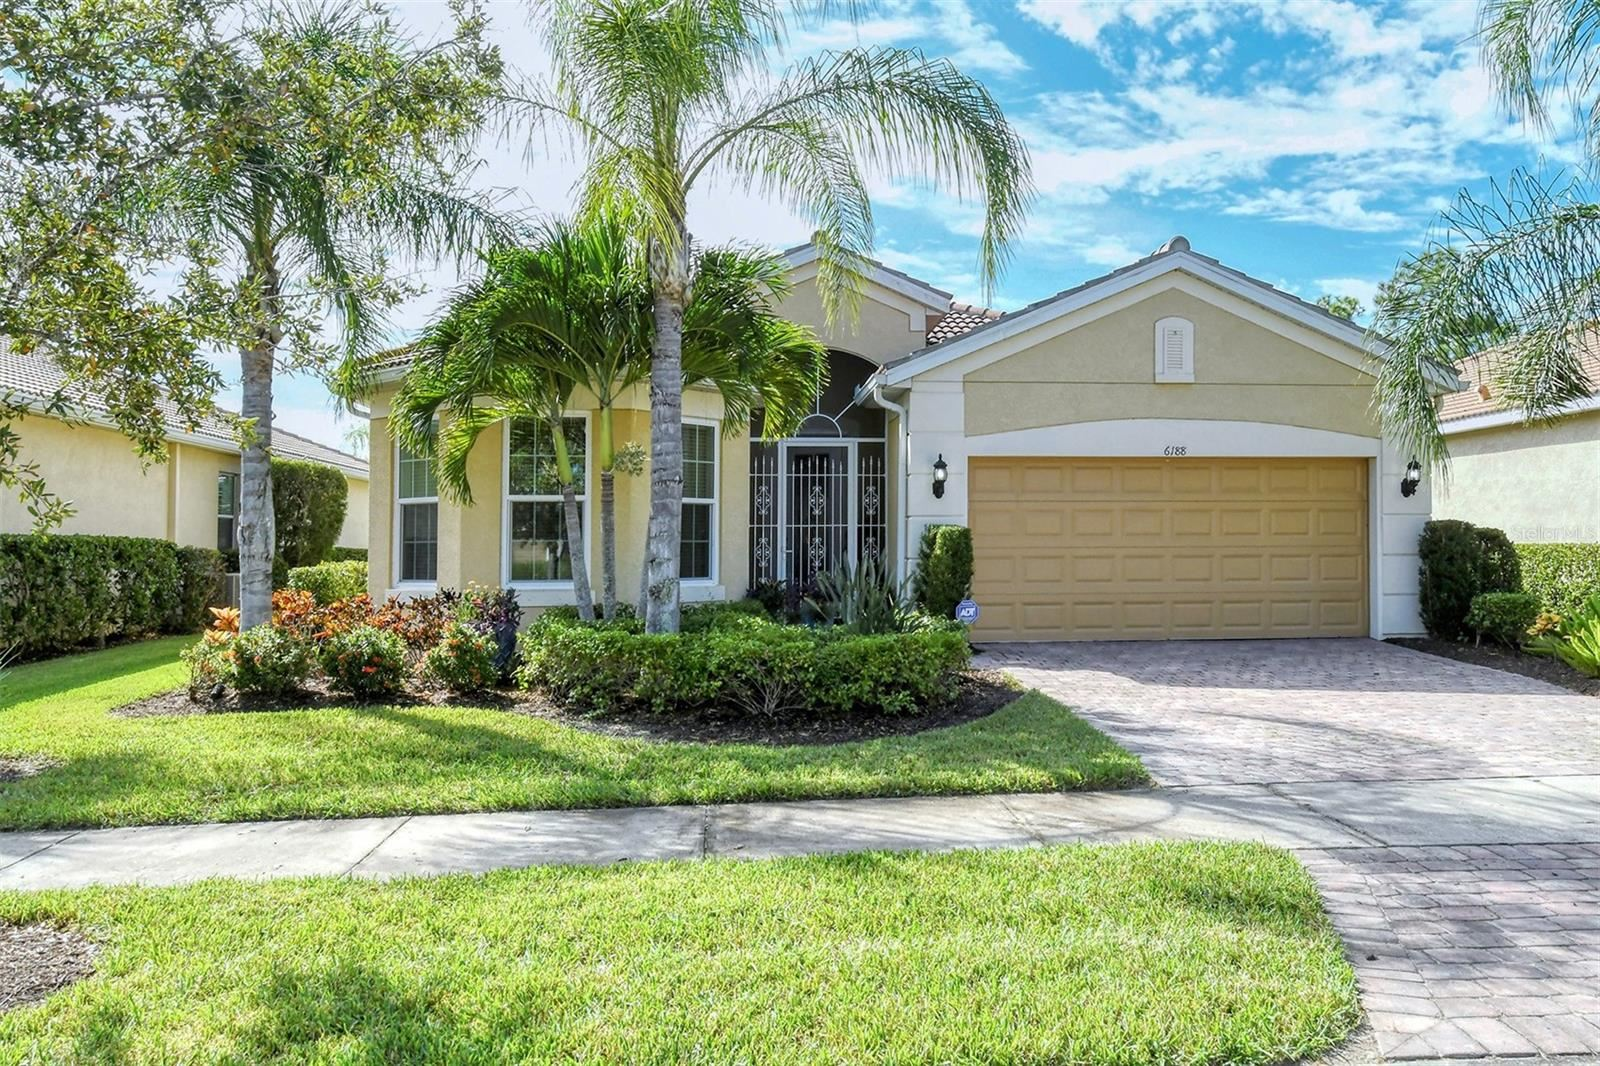 6188 ABACO DRIVE, Sarasota, FL 34238 - #: A4515199